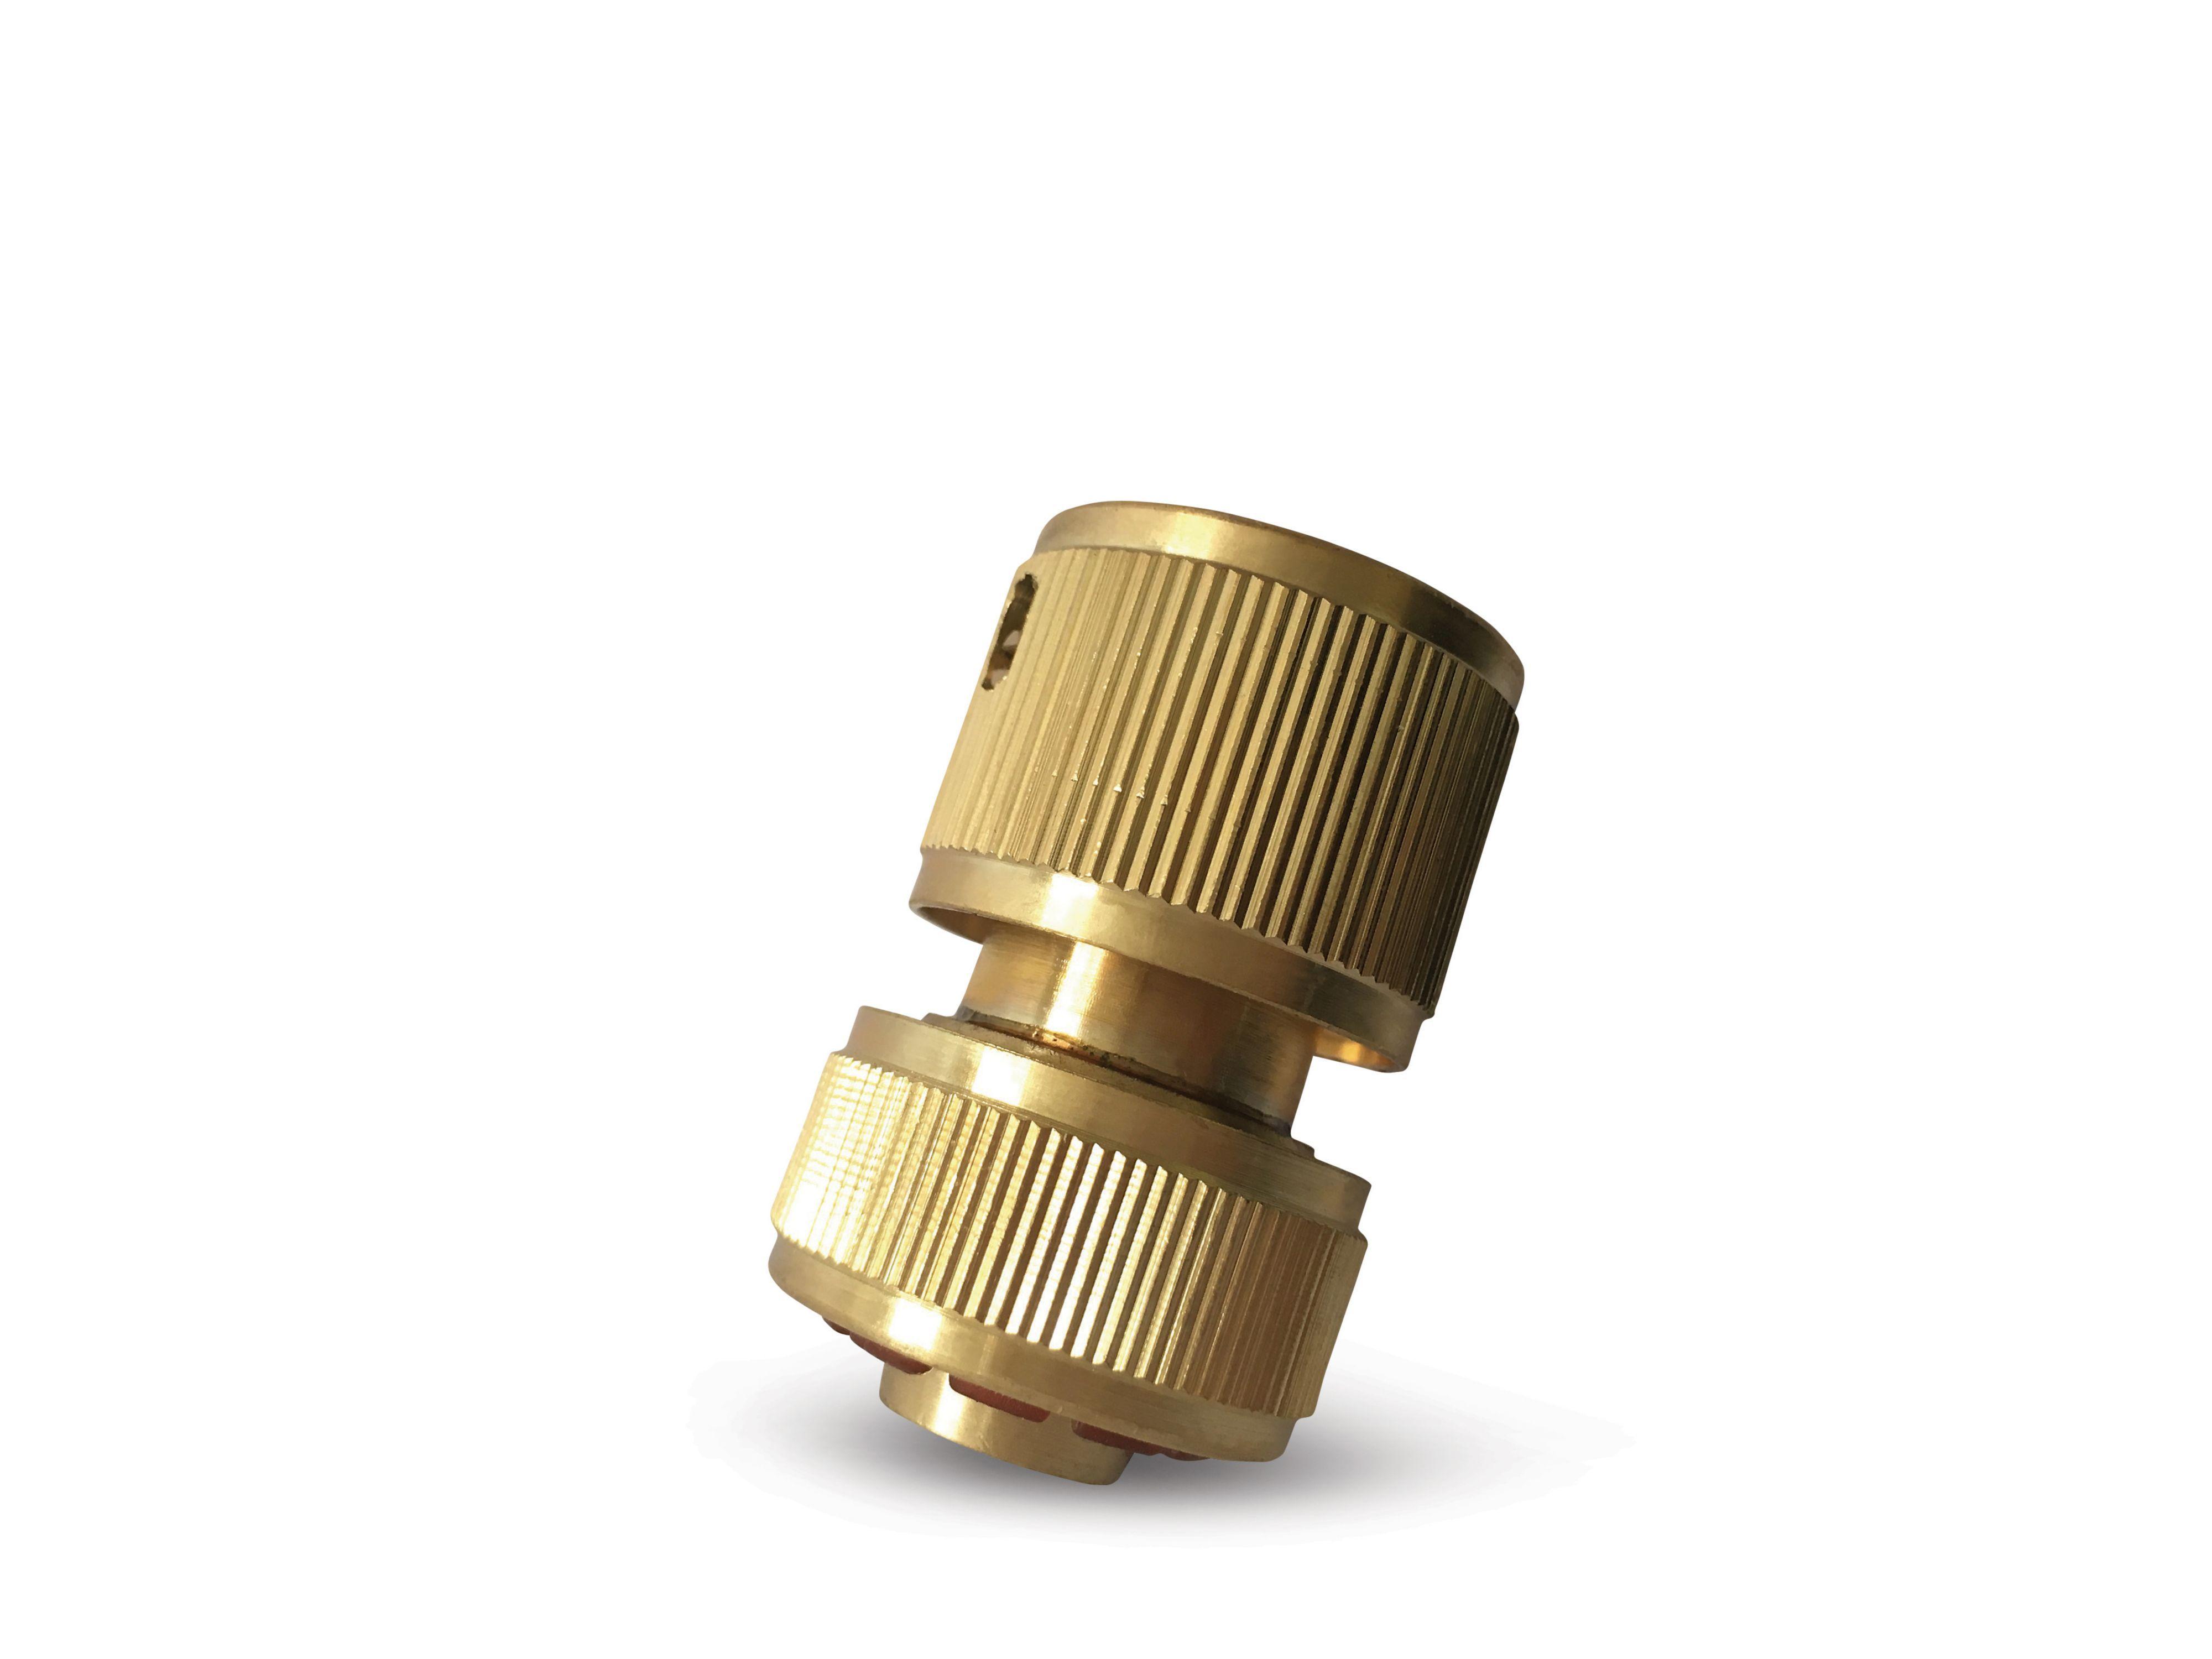 Verve Aquastop hose & connector